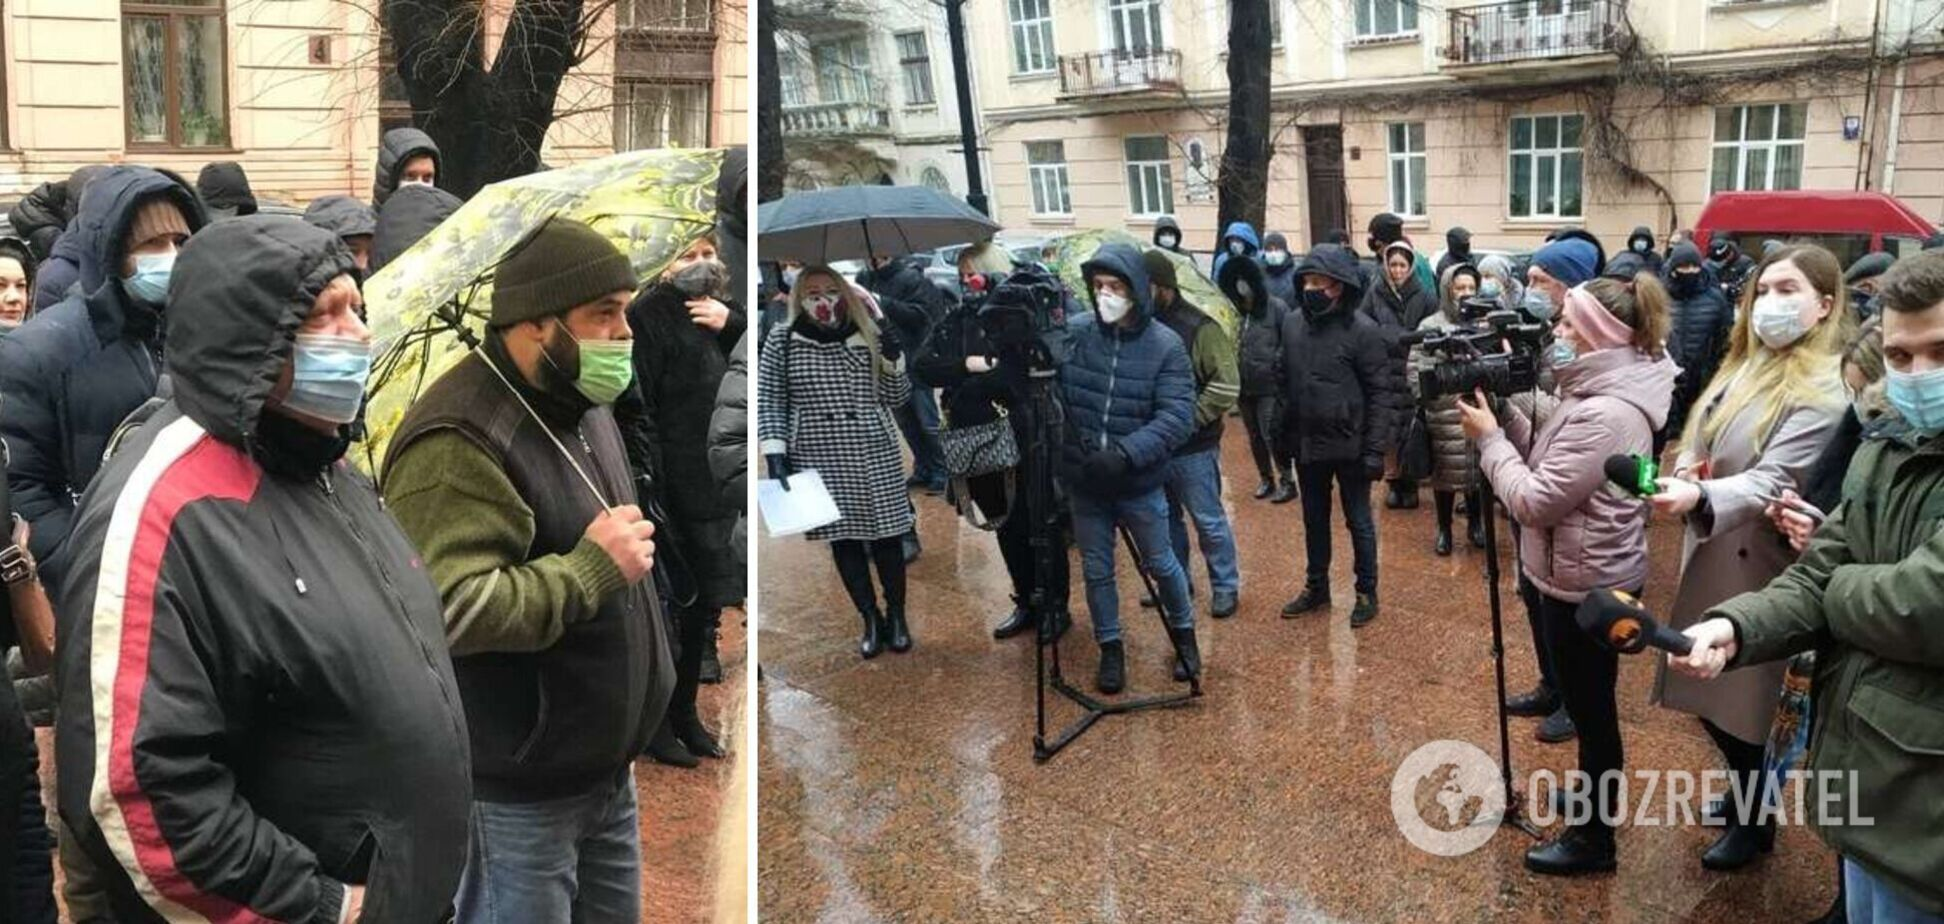 Жителі двох областей України вийшли на протести через посилення карантину. Фото і відео